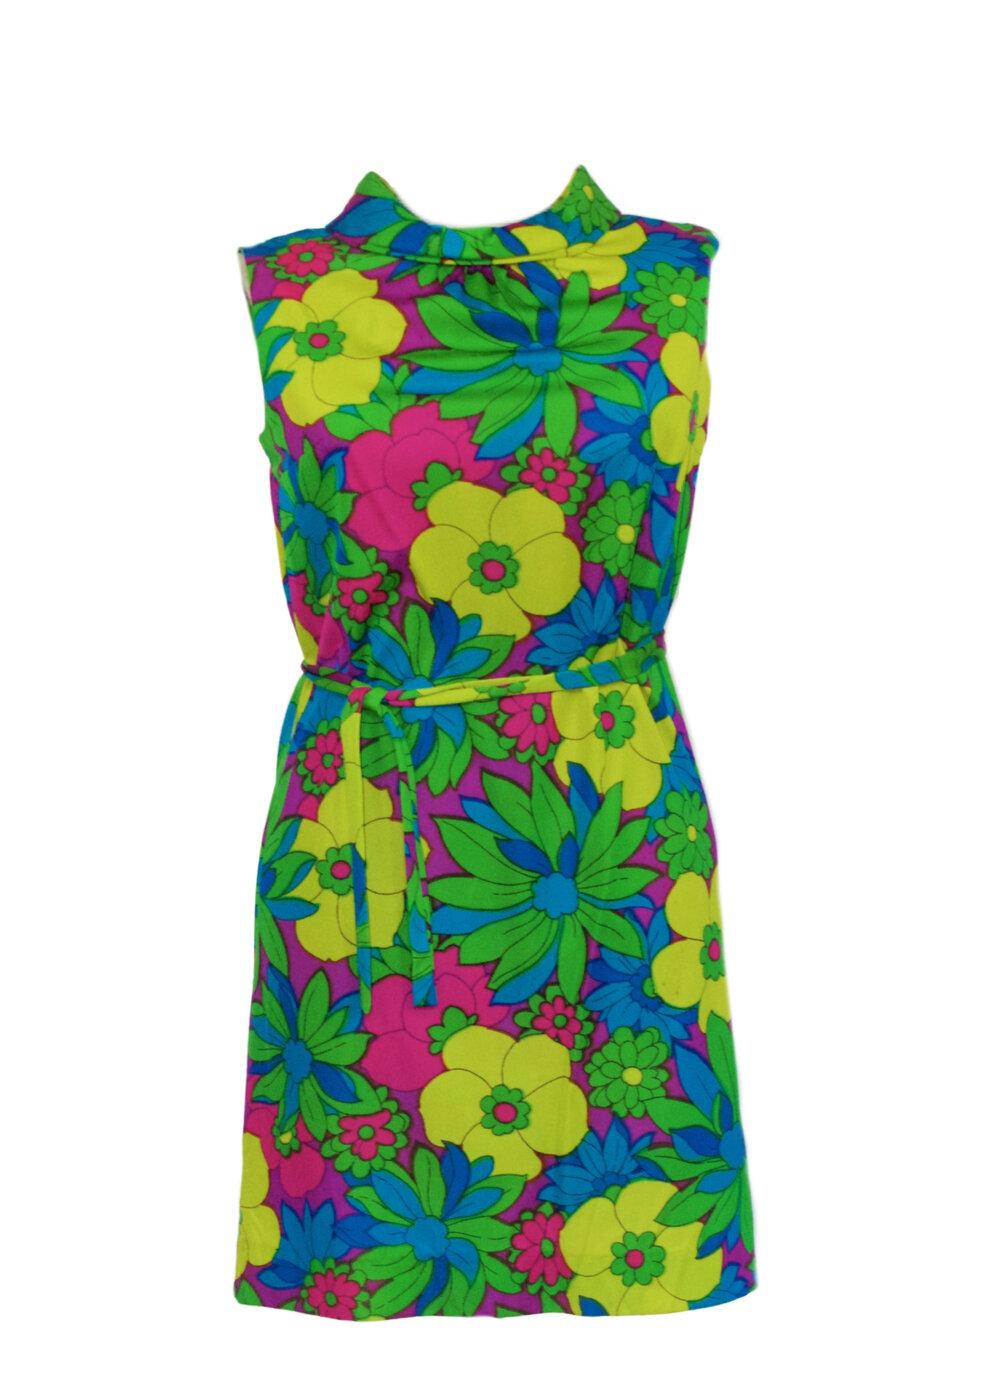 1960s floral dress